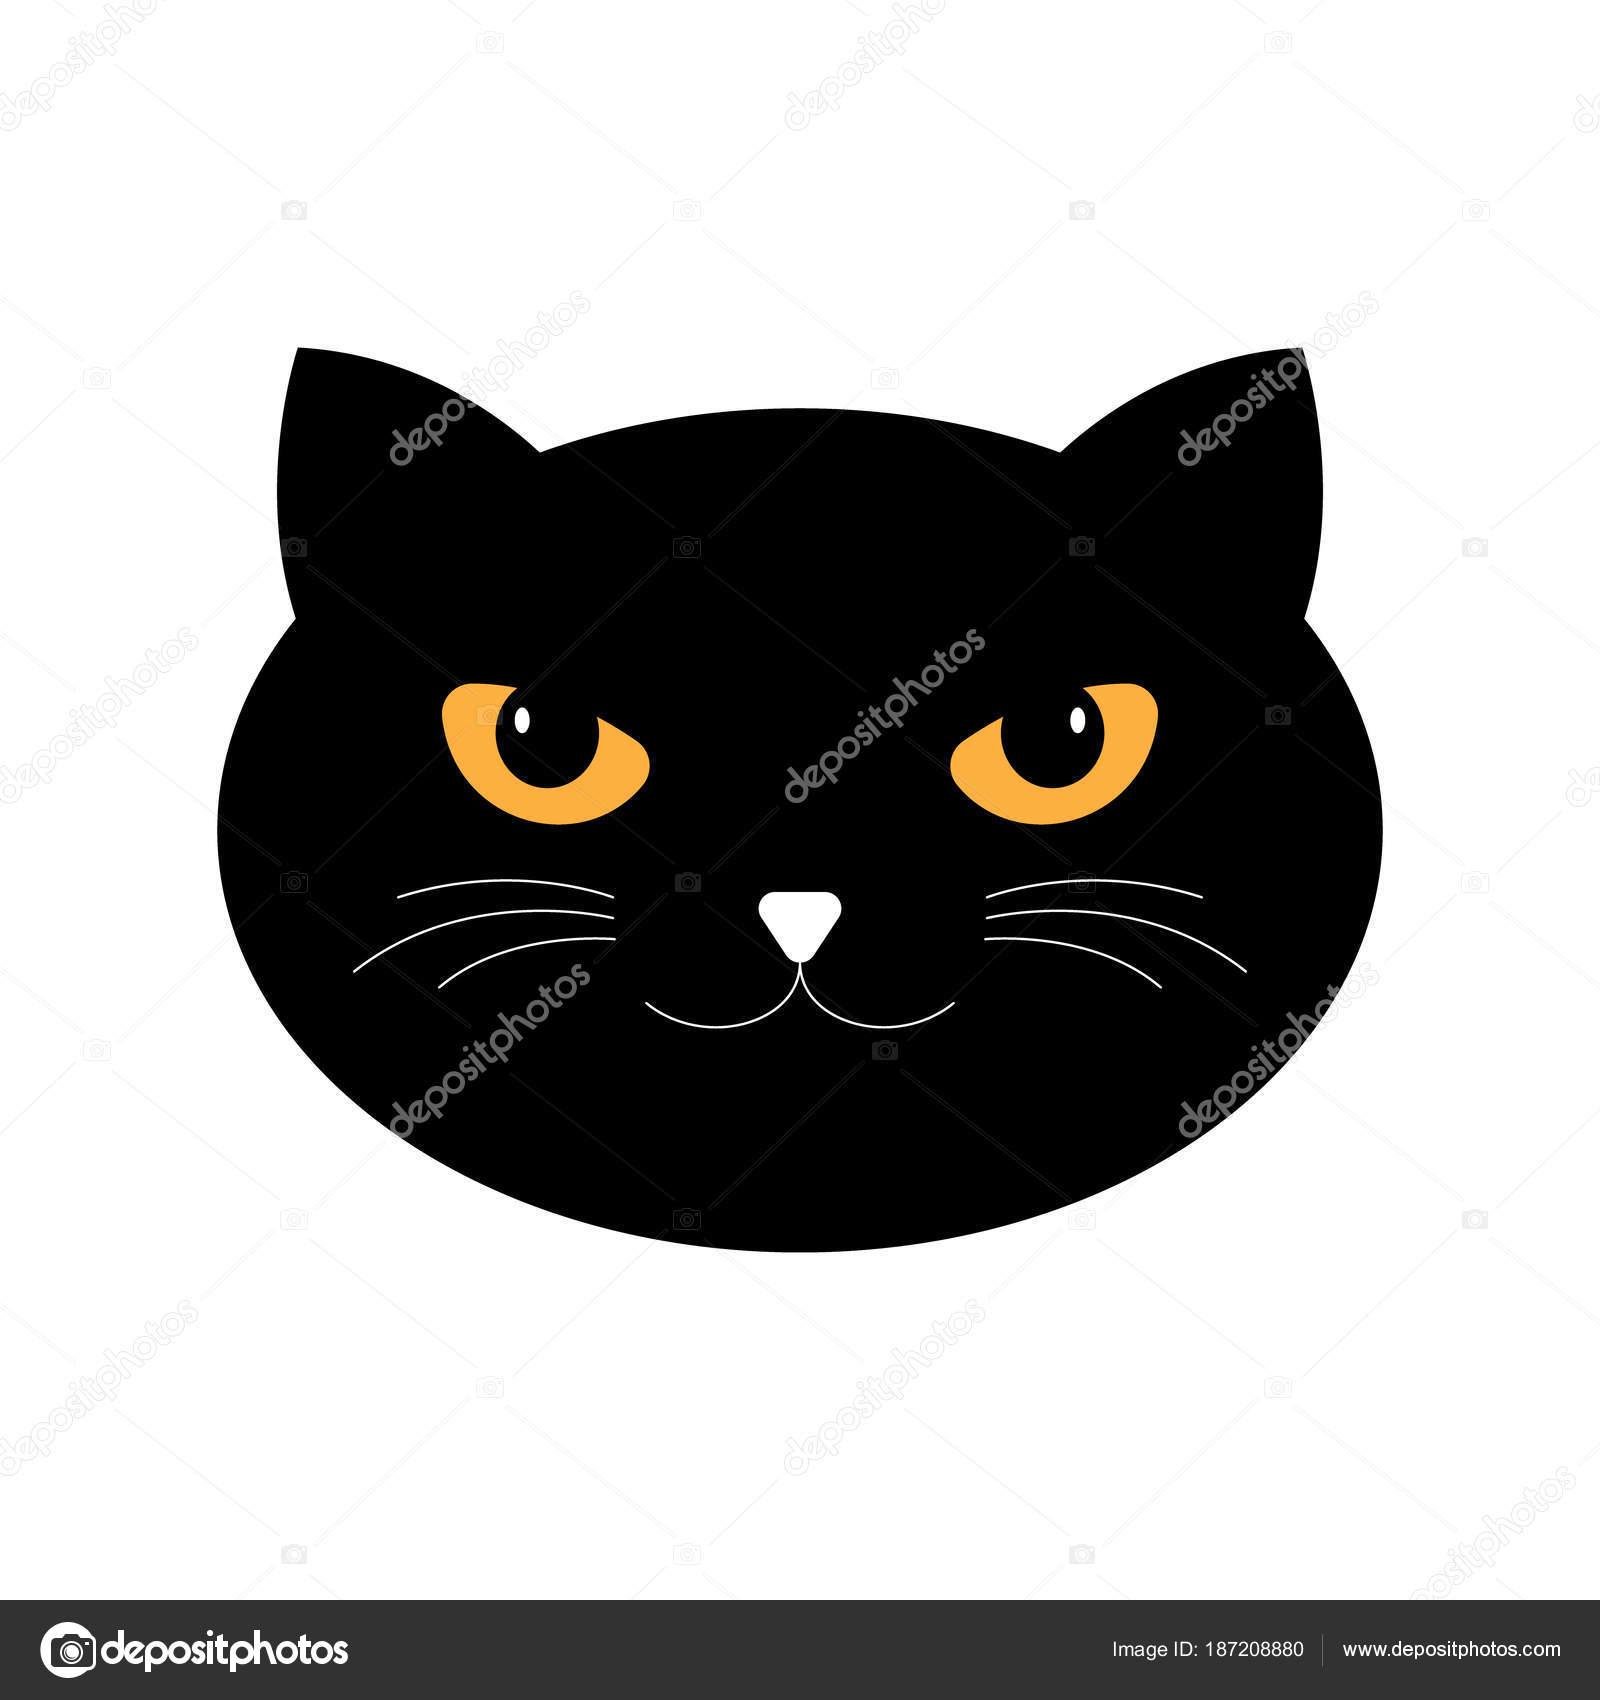 Gatti stilizzati sagoma del gatto nero vettore - Mobilifici san marino ...